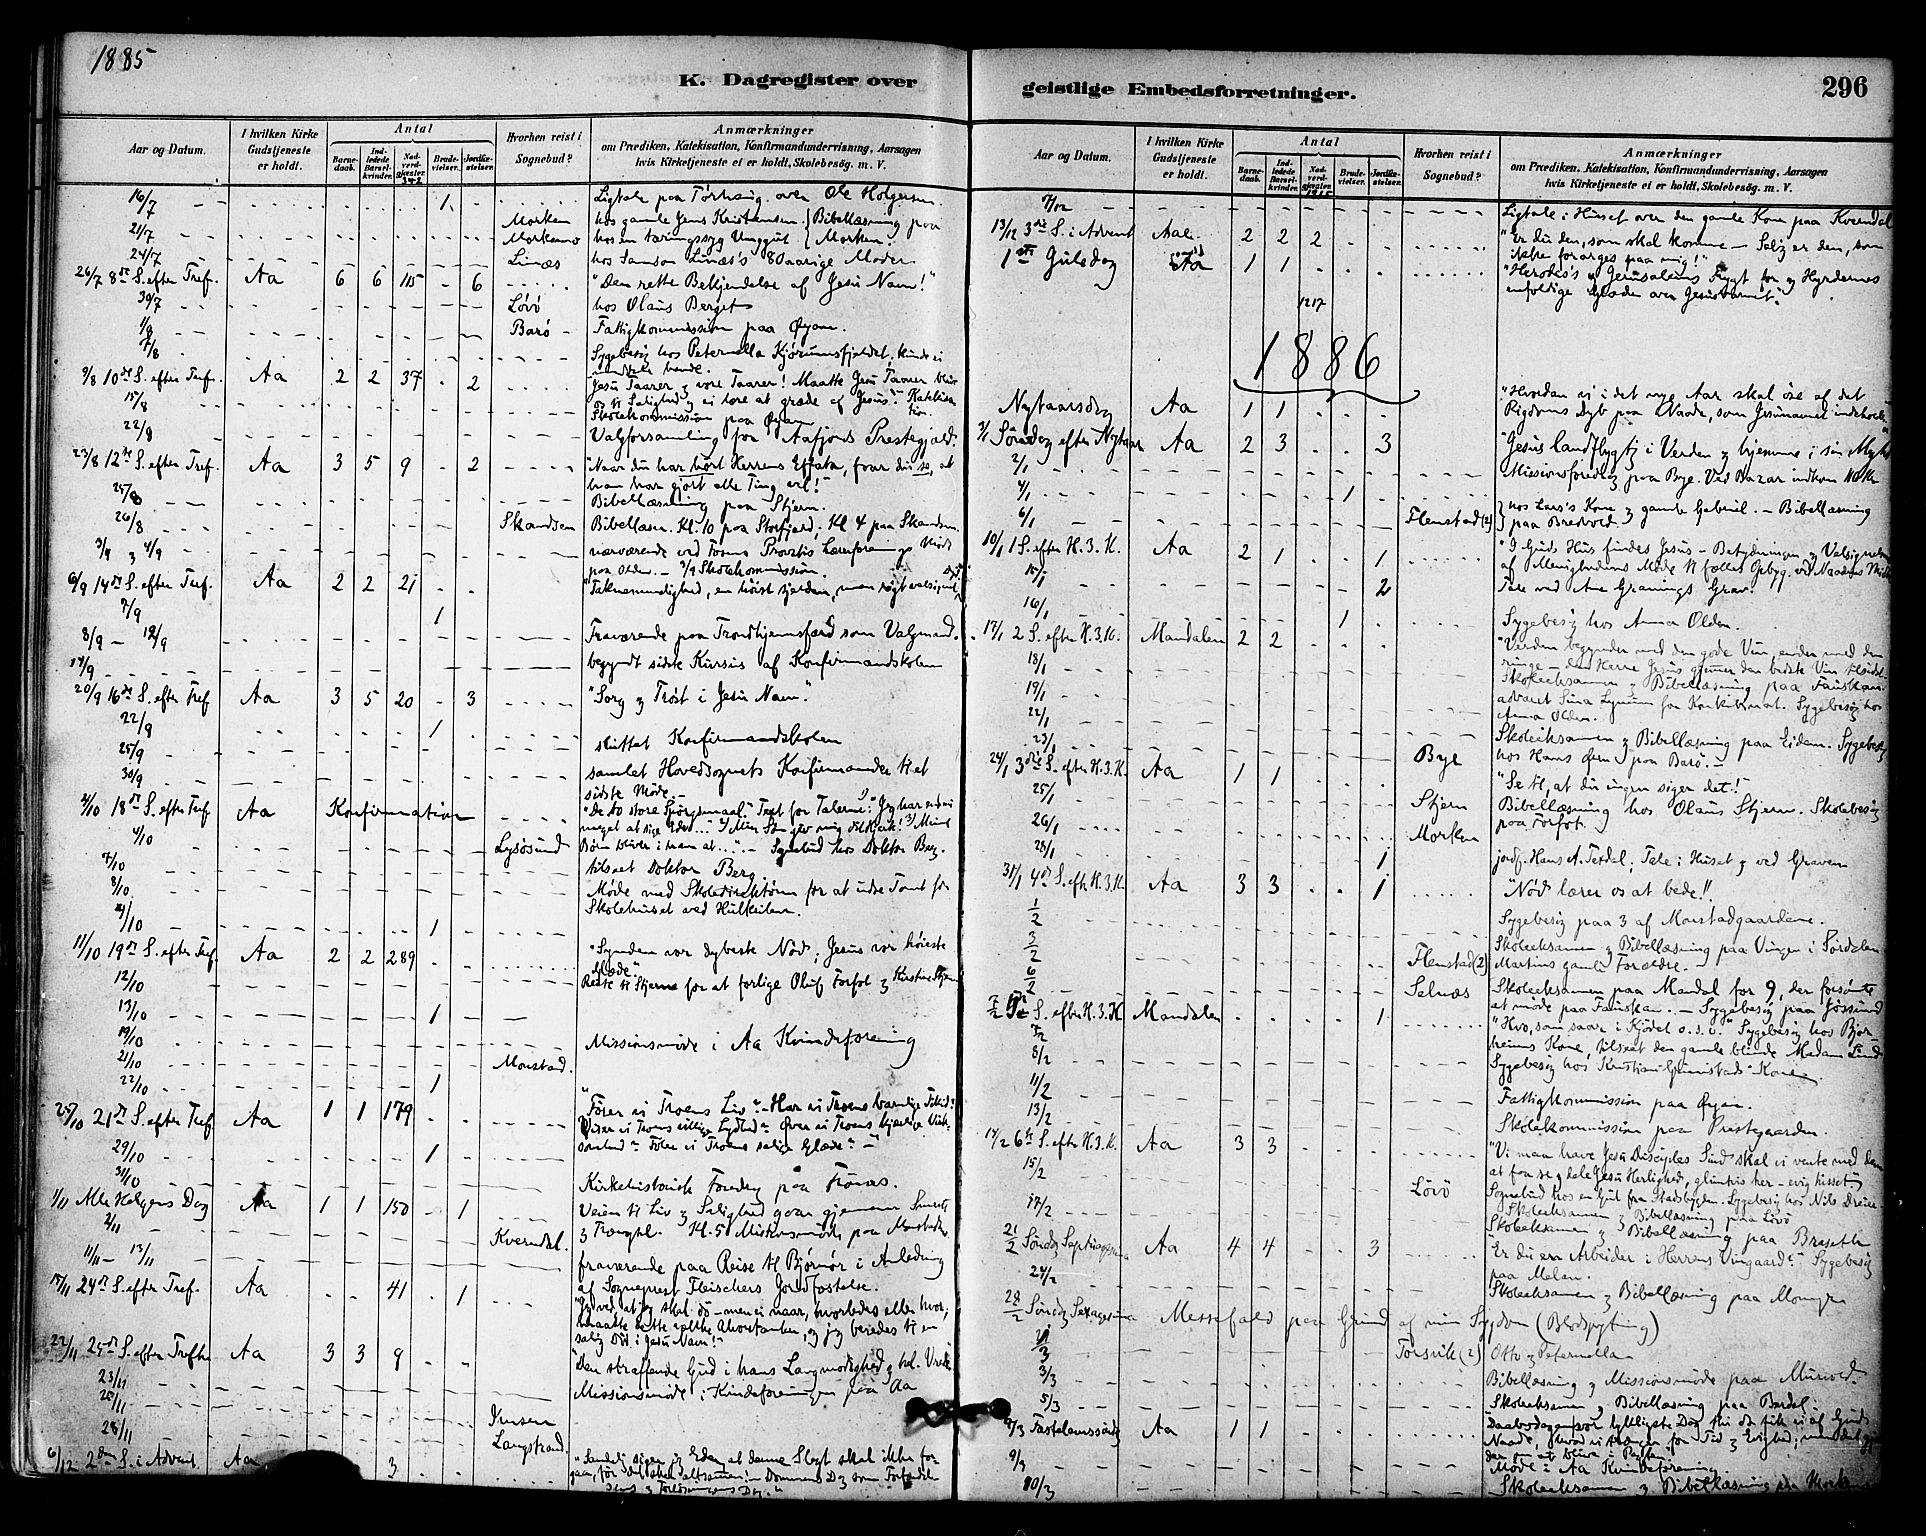 SAT, Ministerialprotokoller, klokkerbøker og fødselsregistre - Sør-Trøndelag, 655/L0680: Ministerialbok nr. 655A09, 1880-1894, s. 296